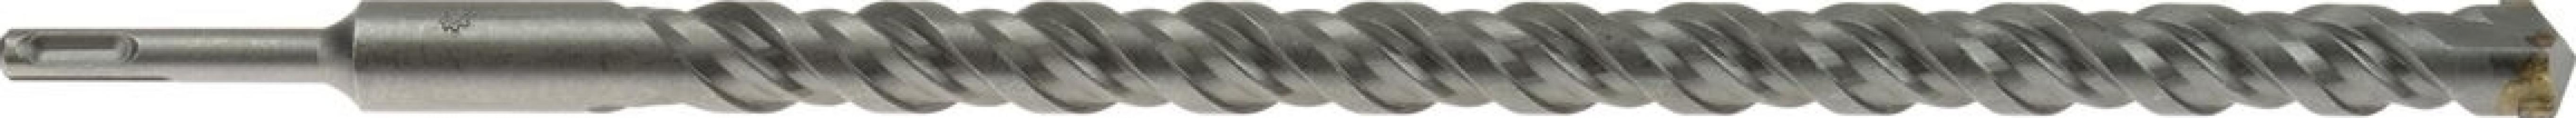 Burghiu pentru beton SDS PLUS 25 / 450mm Geko G62545 Accesorii masini de gaurit